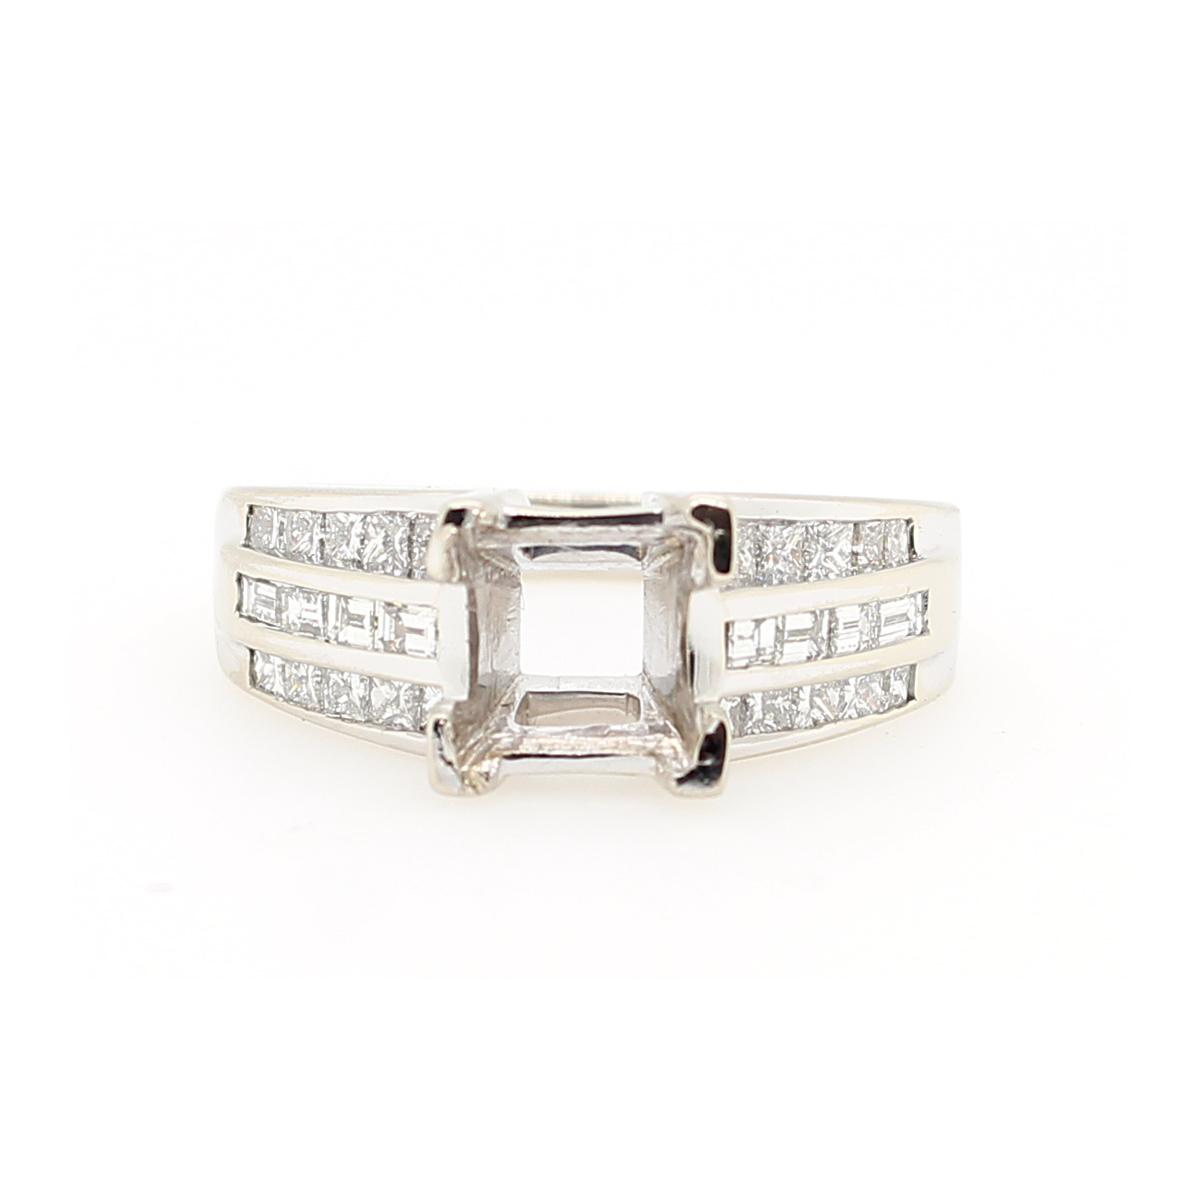 18 Karat White Gold Three Row Diamond Semi-Mount Ring